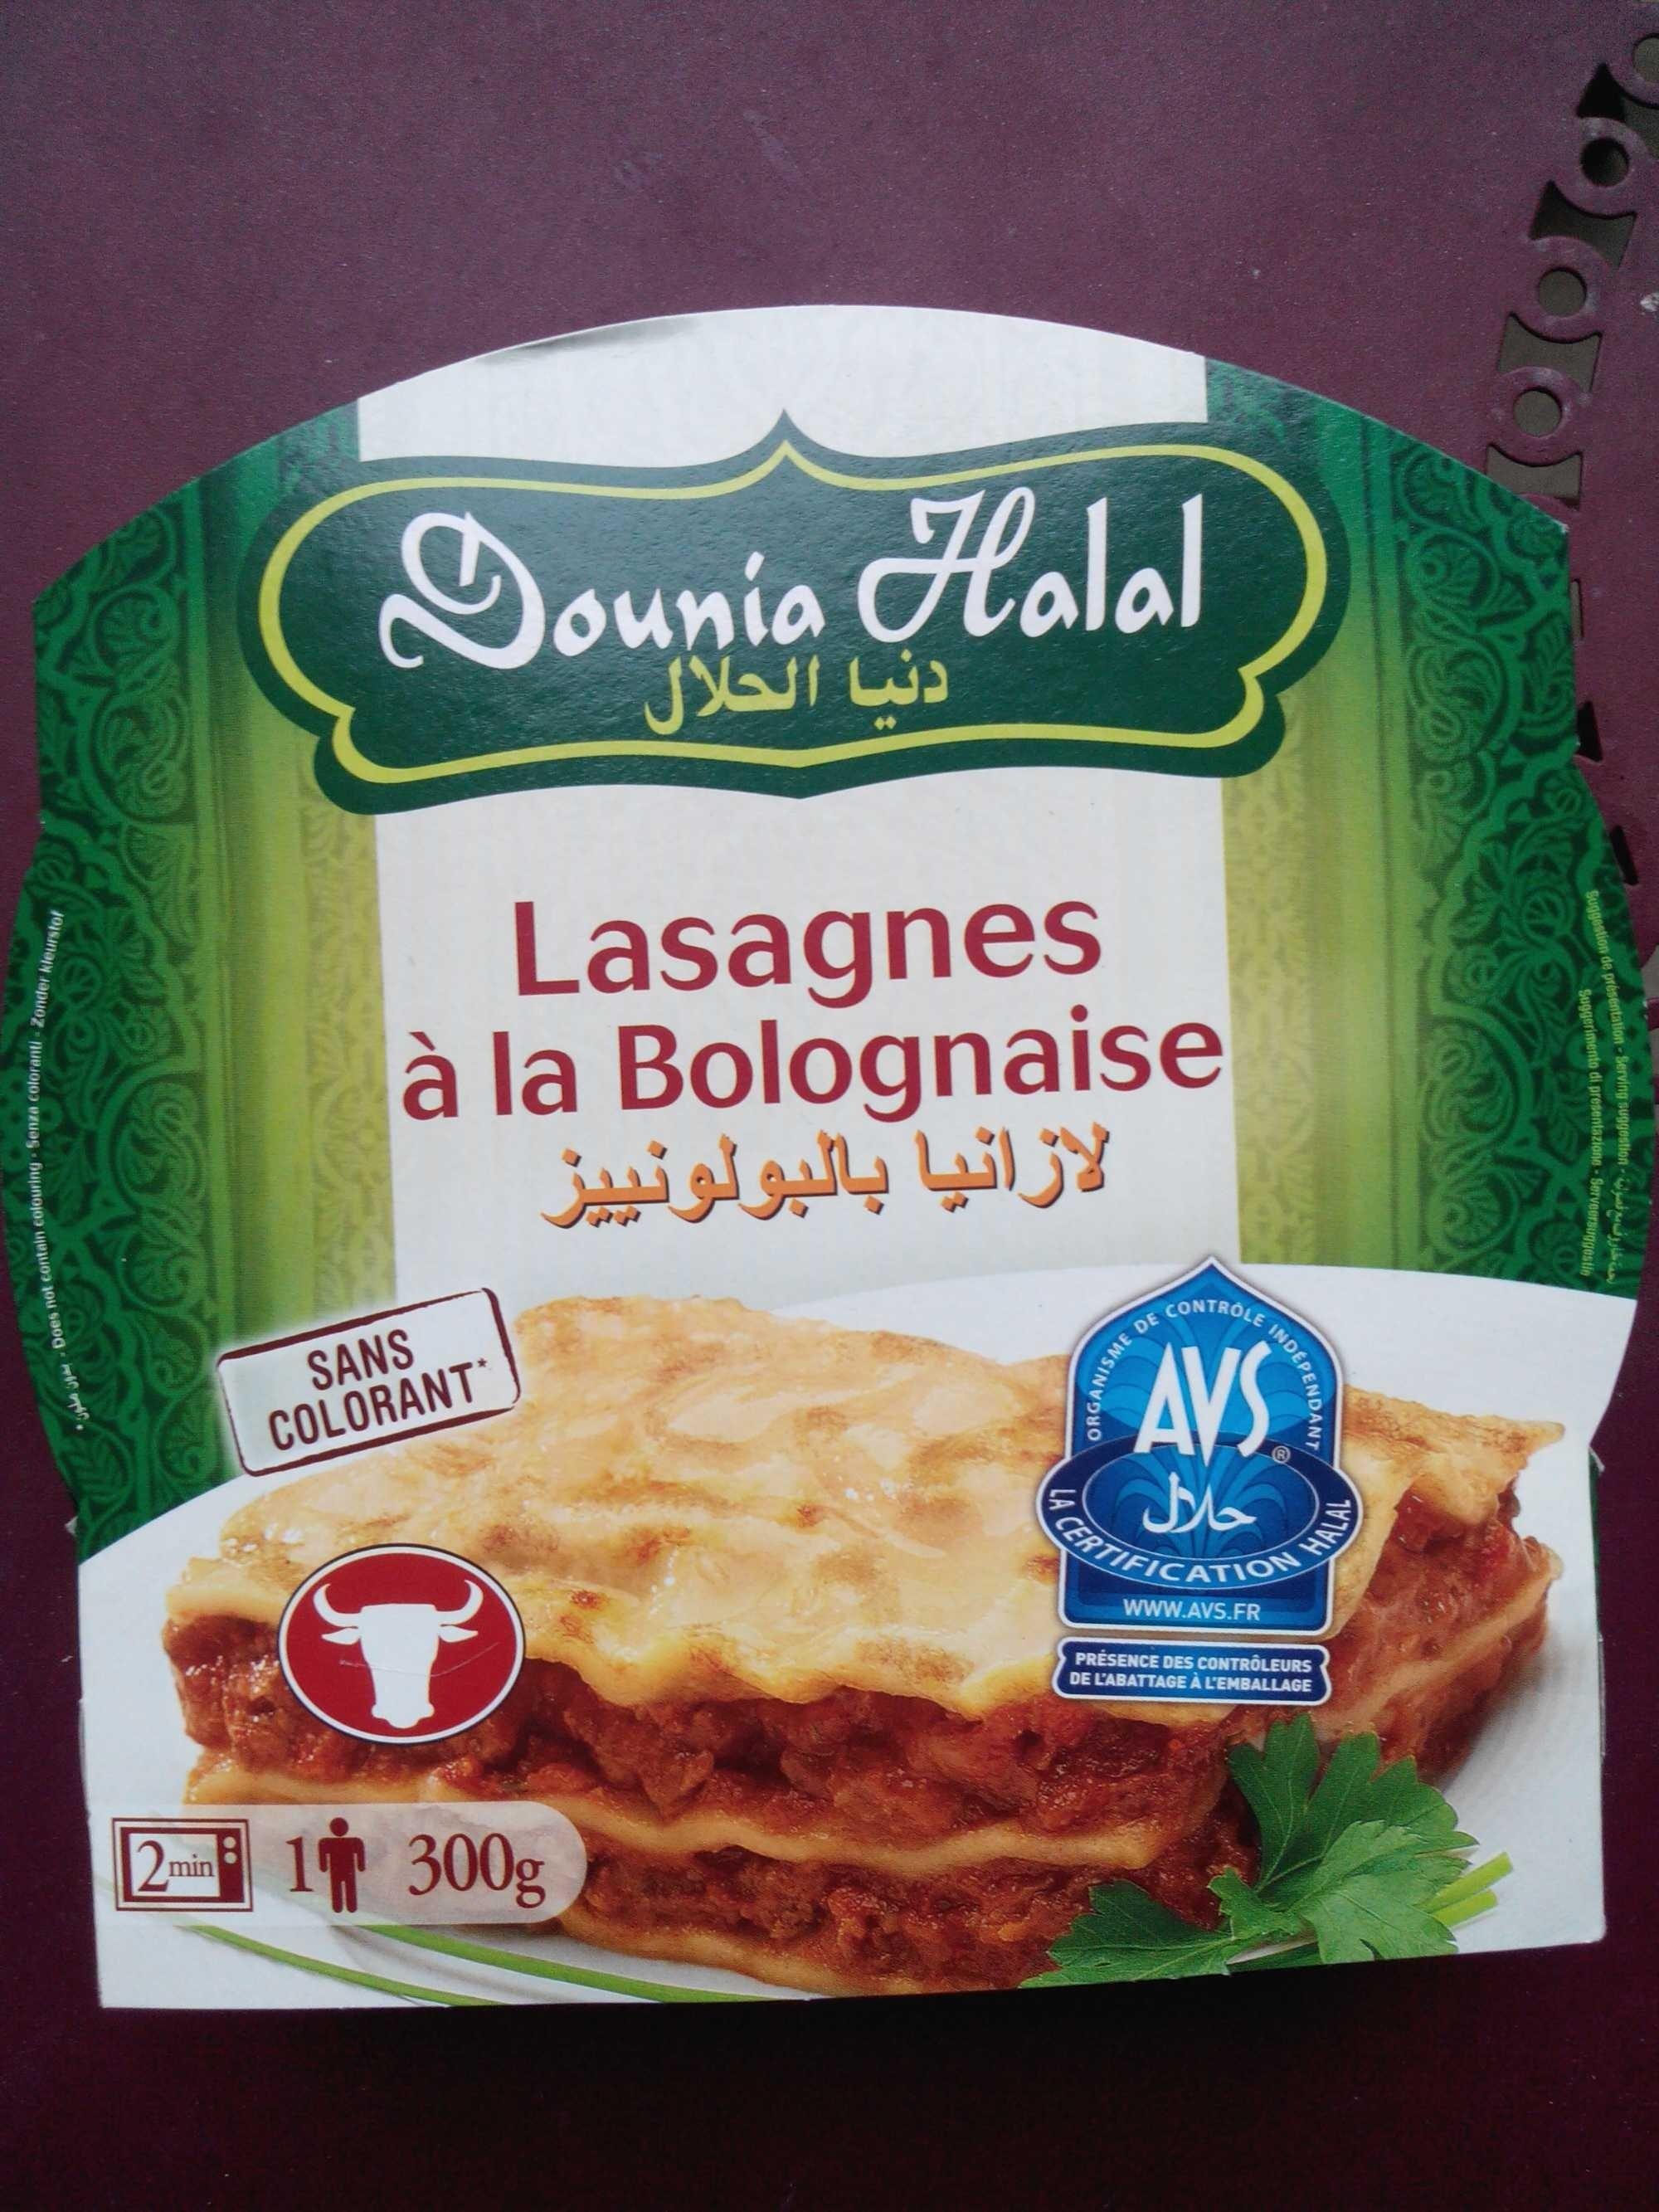 lasagnes la bolognaise halal dounia halal 300 g 1. Black Bedroom Furniture Sets. Home Design Ideas